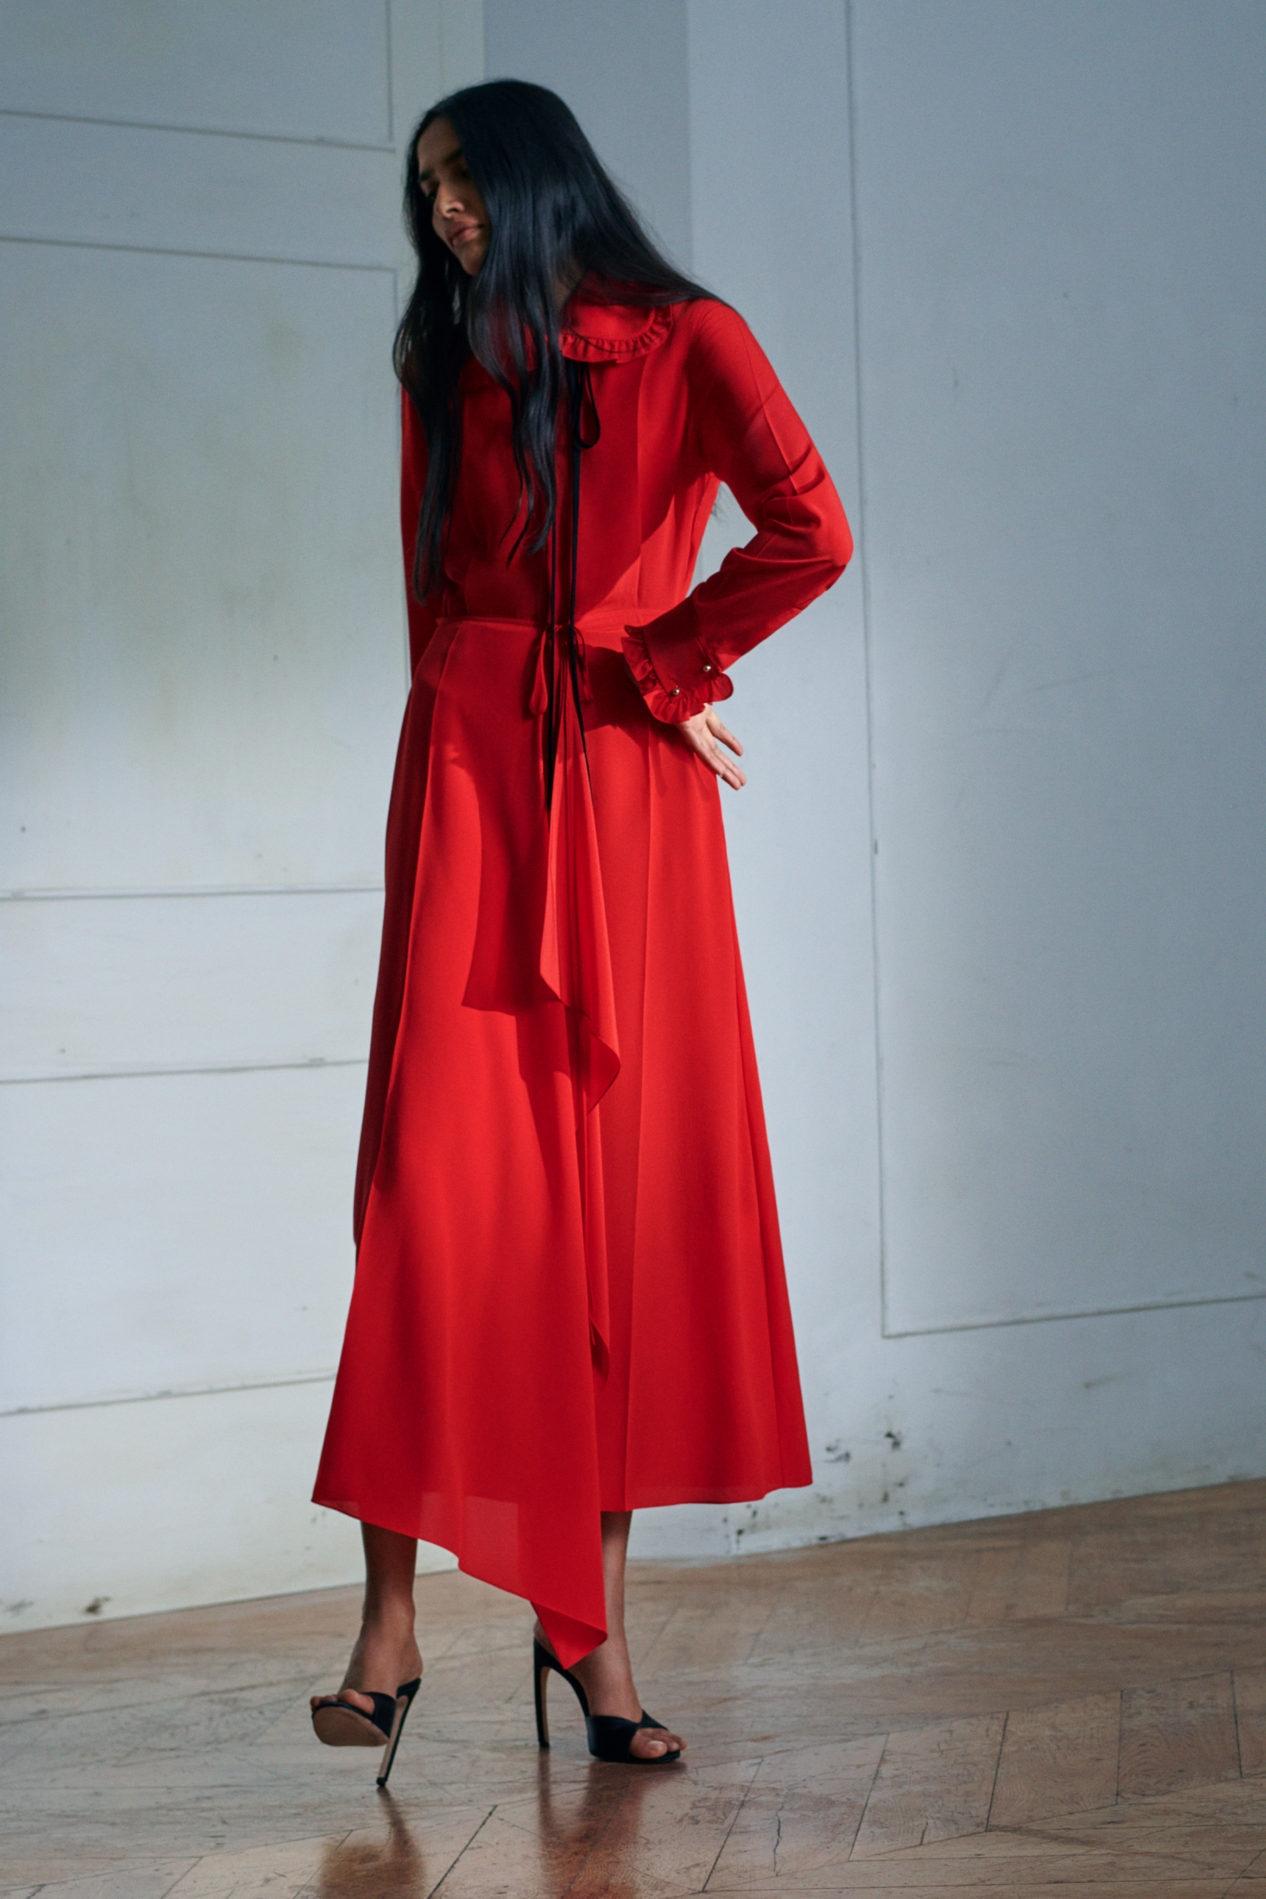 Уроки стиля. Новая круизная коллекция бренда Victoria Beckham (ФОТО) - фото №6